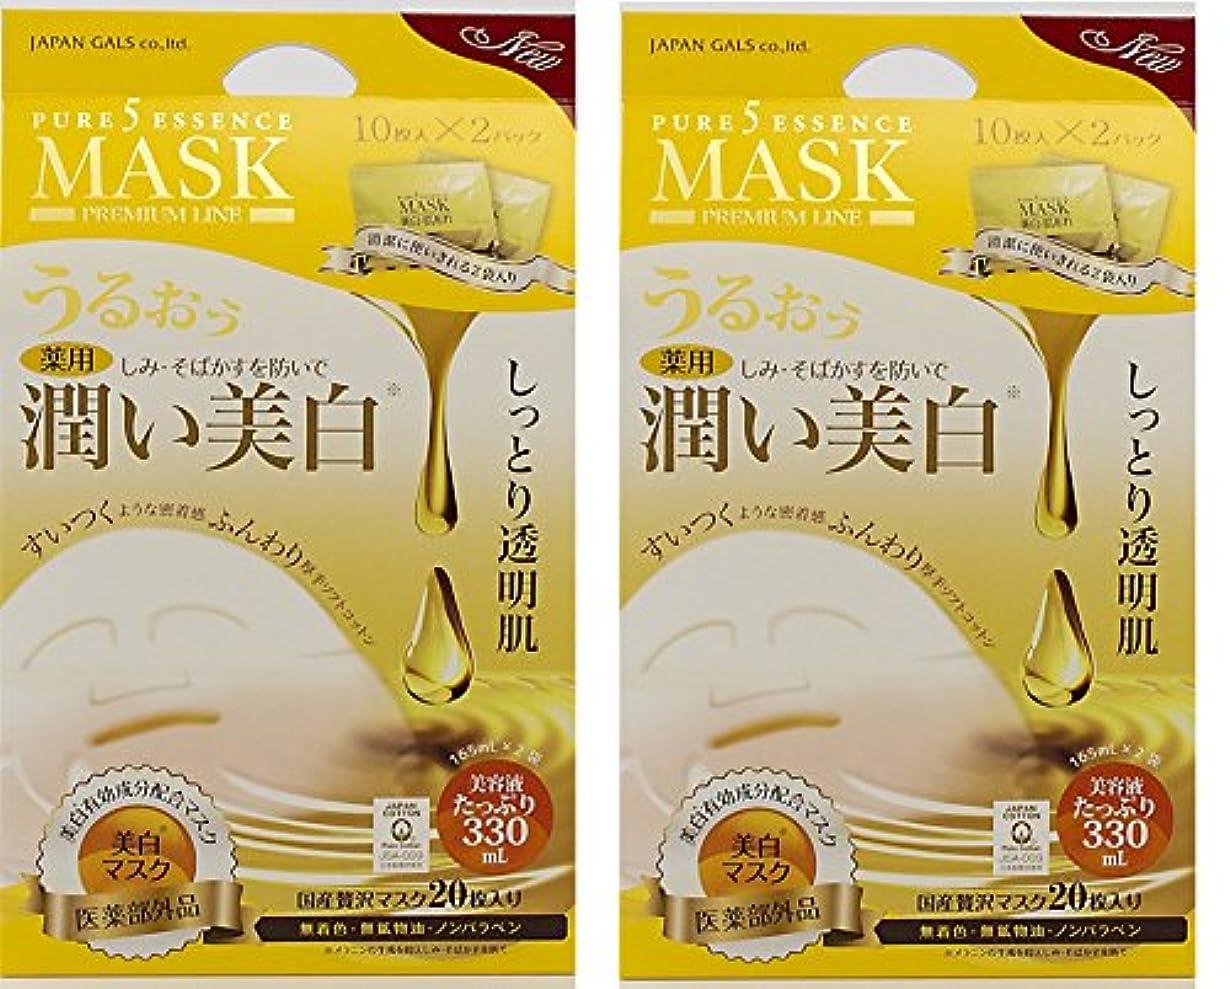 に向けて出発偉業リース【お得なまとめ買い】ジャパンギャルズ ピュア5エッセンスマスク(薬用) 10枚入り×2袋【2個セット】